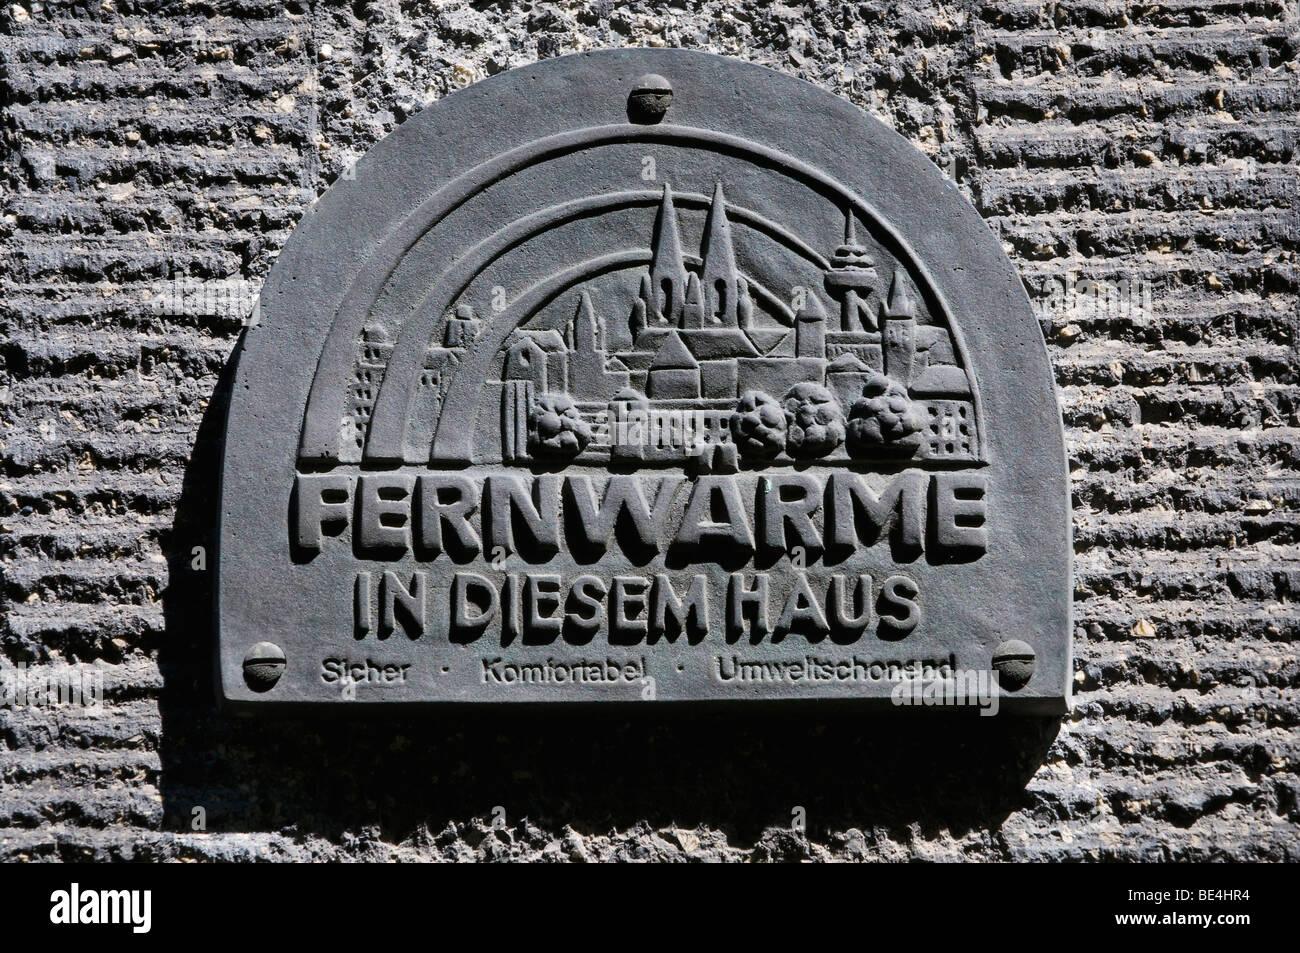 Plakette mit der Skyline der Stadt Köln, Fernwärme in dieses Haus sicher, komfortabel, umweltfreundlich Stockbild